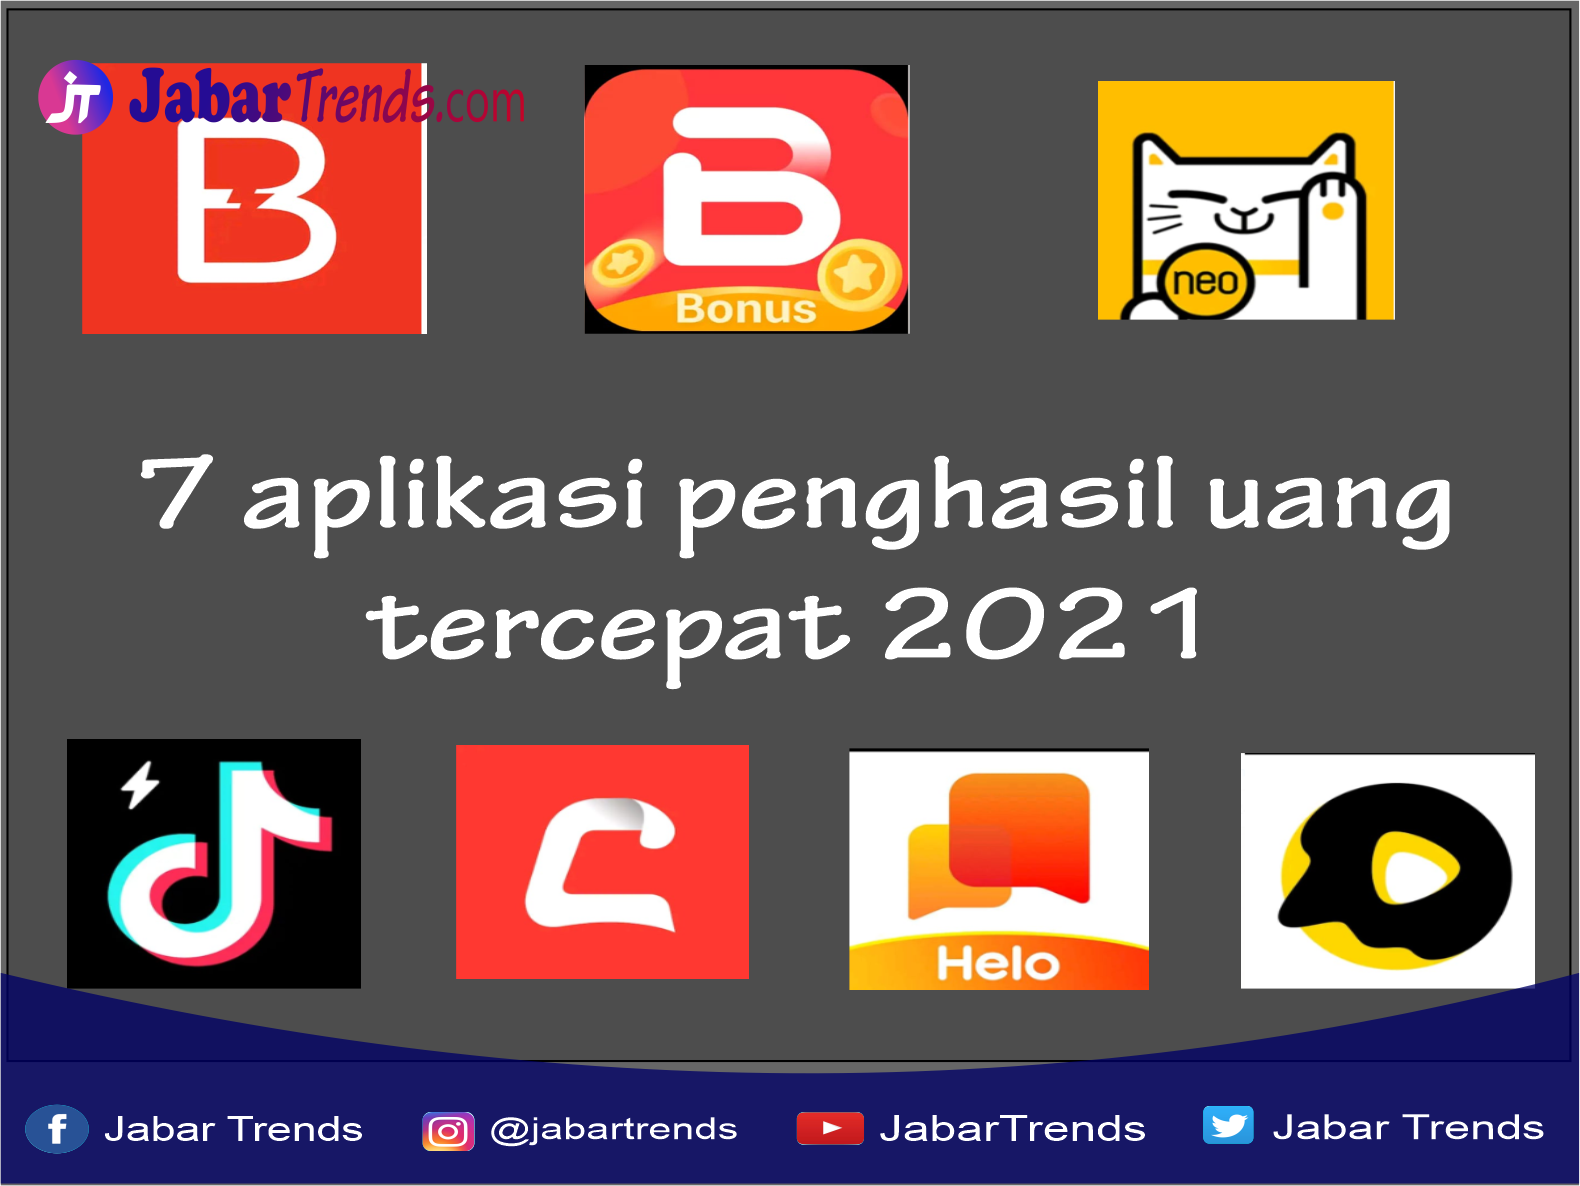 Aplikasi Penghasil Uang Halal 2021 Berikut Cara Mendapatkannya